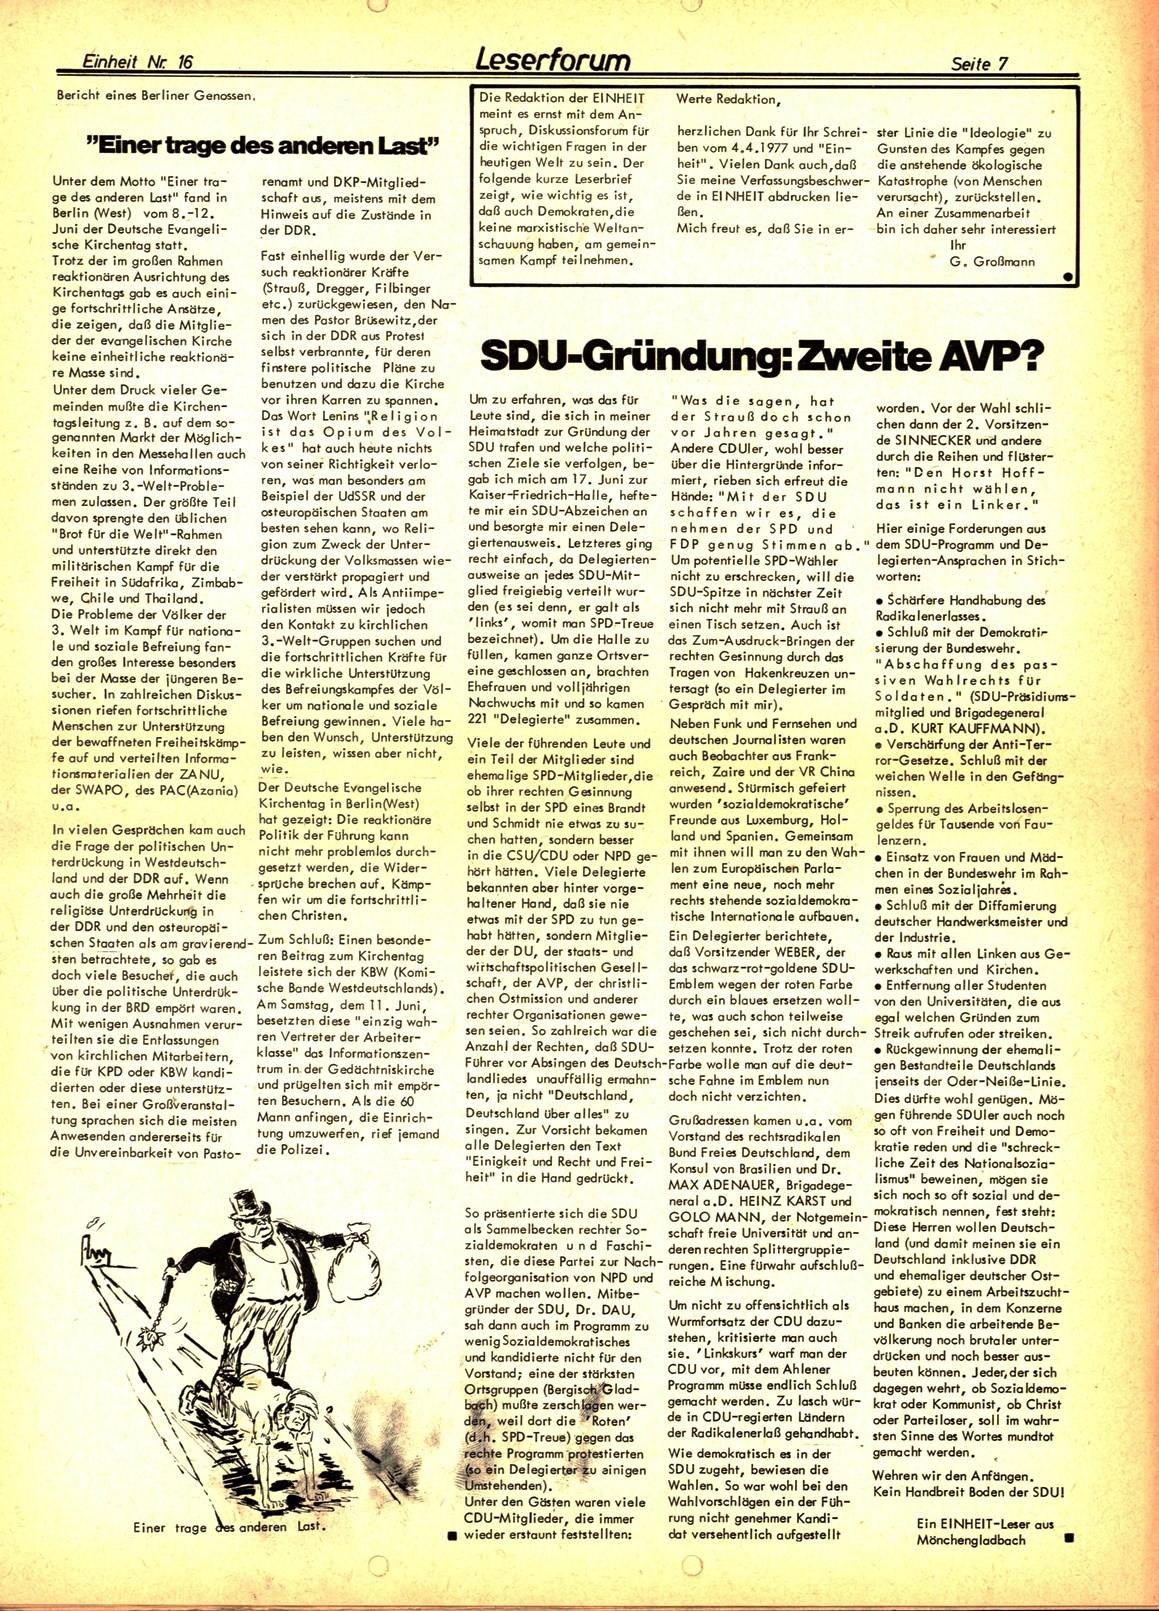 Koeln_IPdA_Einheit_1977_016_007